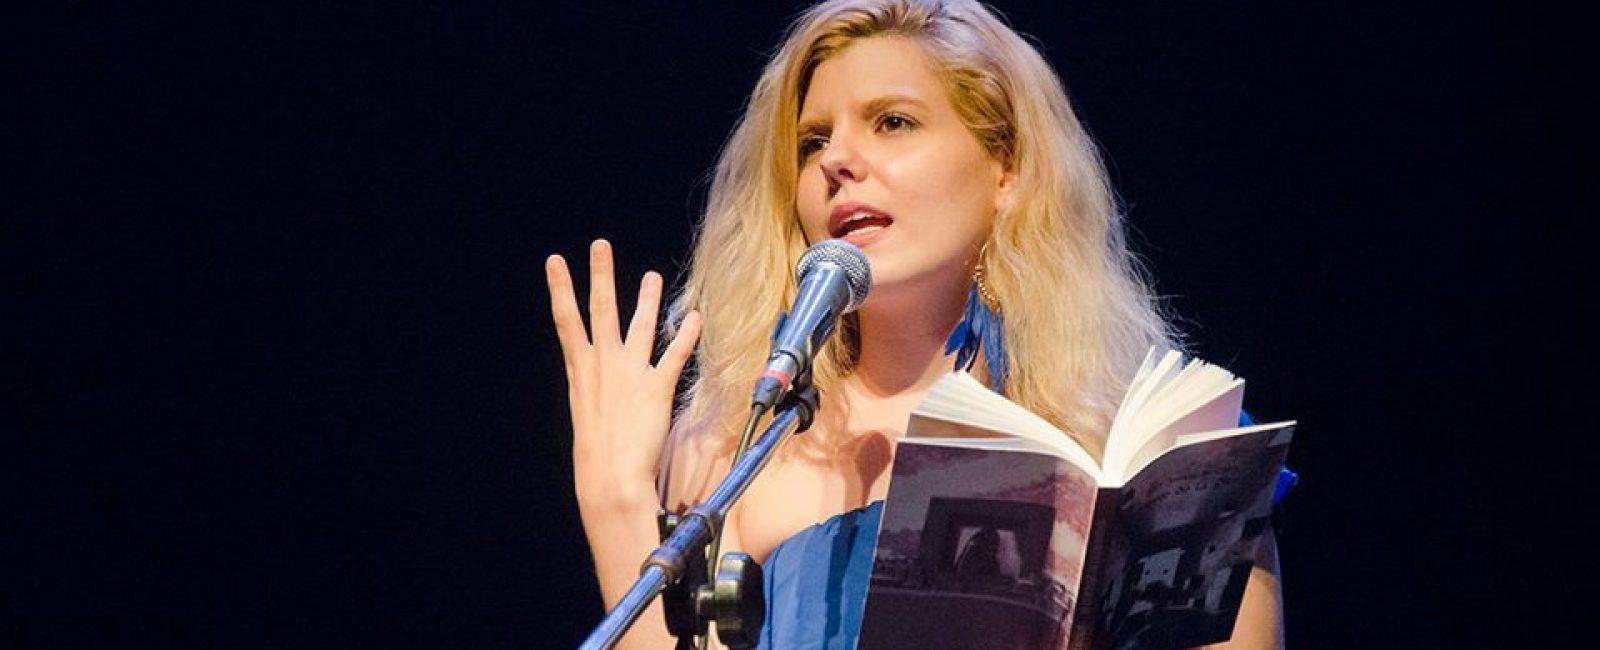 Pilar Astray Boadicea